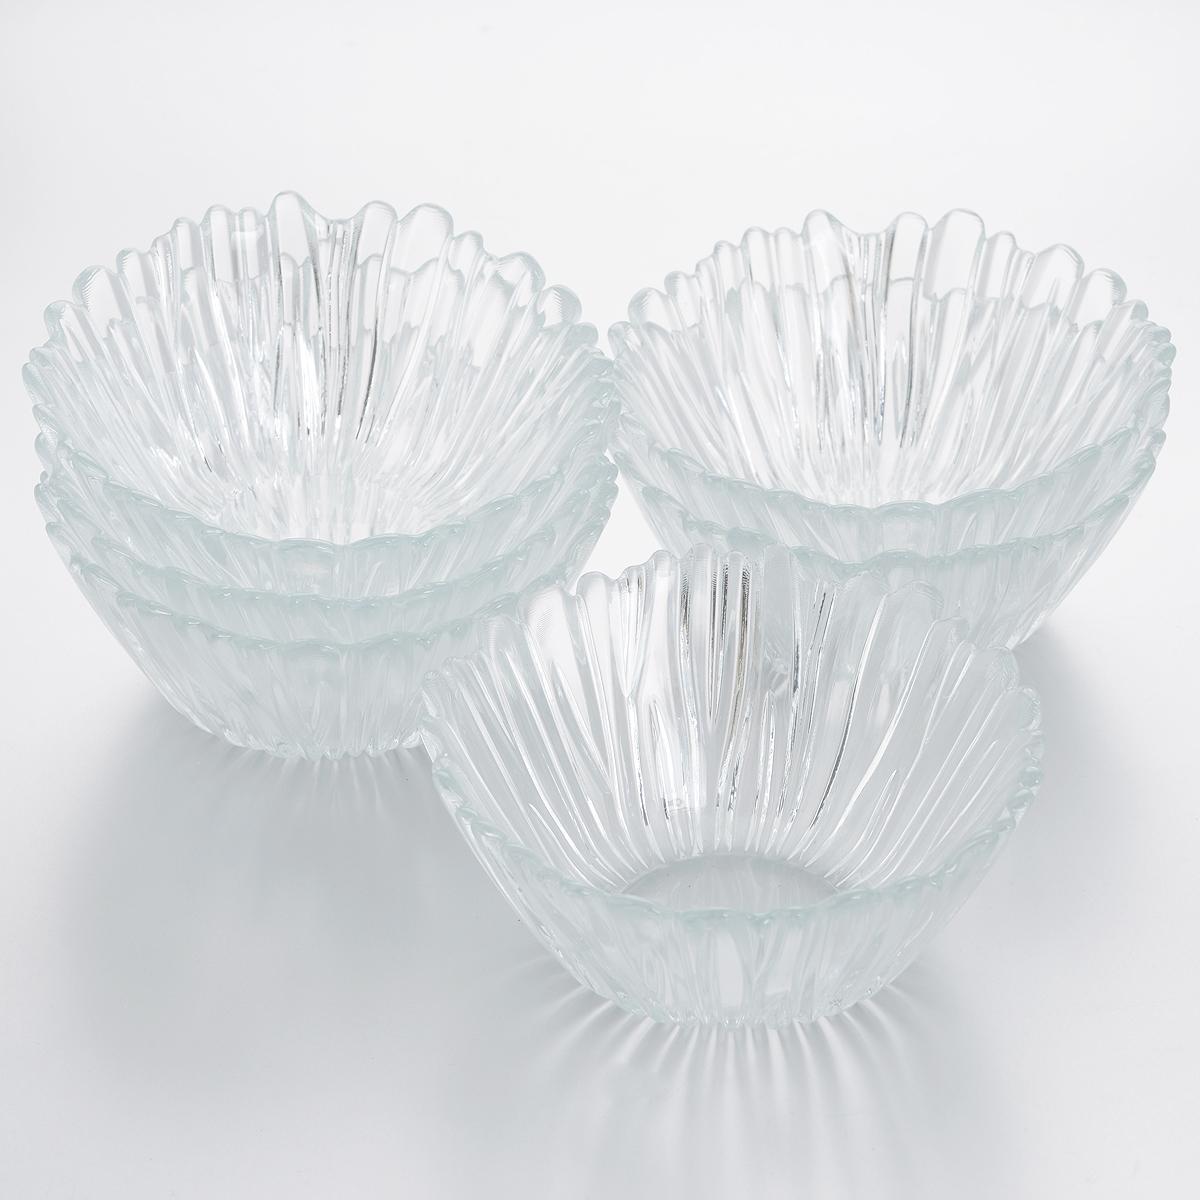 Набор салатников Pasabahce Аврора, диаметр 14 см, 6 шт. 10601B10601BНабор Pasabahce Аврора состоит из шести круглых салатников, выполненных из прочного закаленного натрий-кальций-силикатного стекла с повышенной термостойкостью. Стенки украшены изящным рельефом. Такие салатники прекрасно подойдут для сервировки закусок, нарезок, салатов и других блюд. Набор прекрасно оформит праздничный стол и удивит вас изысканным дизайном. Можно мыть в посудомоечной машине и использовать в микроволновой печи.